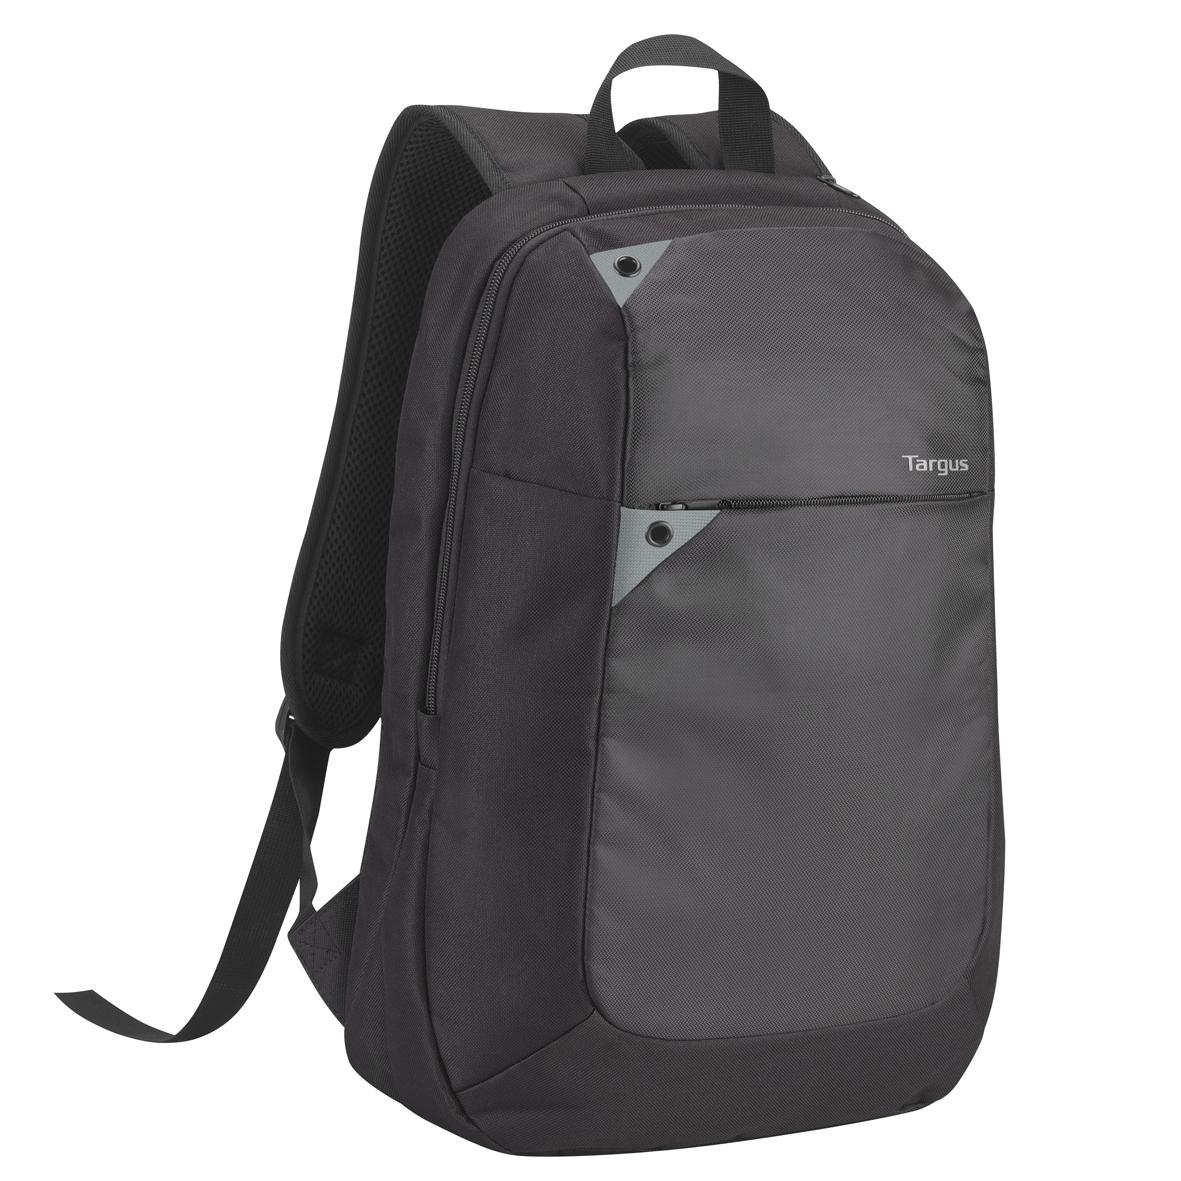 Рюкзак для ноутбука 15.6 Targus TBBEU, BlackTBBEUУдобный и практичный рюкзак с отделением для ноутбуков с диагональю до 15.6 дюймов. Защитит ваш компьютер от ударов, загрязнений и царапин. Многочисленные дополнительные отделения помогут всегда держать все необходимое в идеальном порядке.